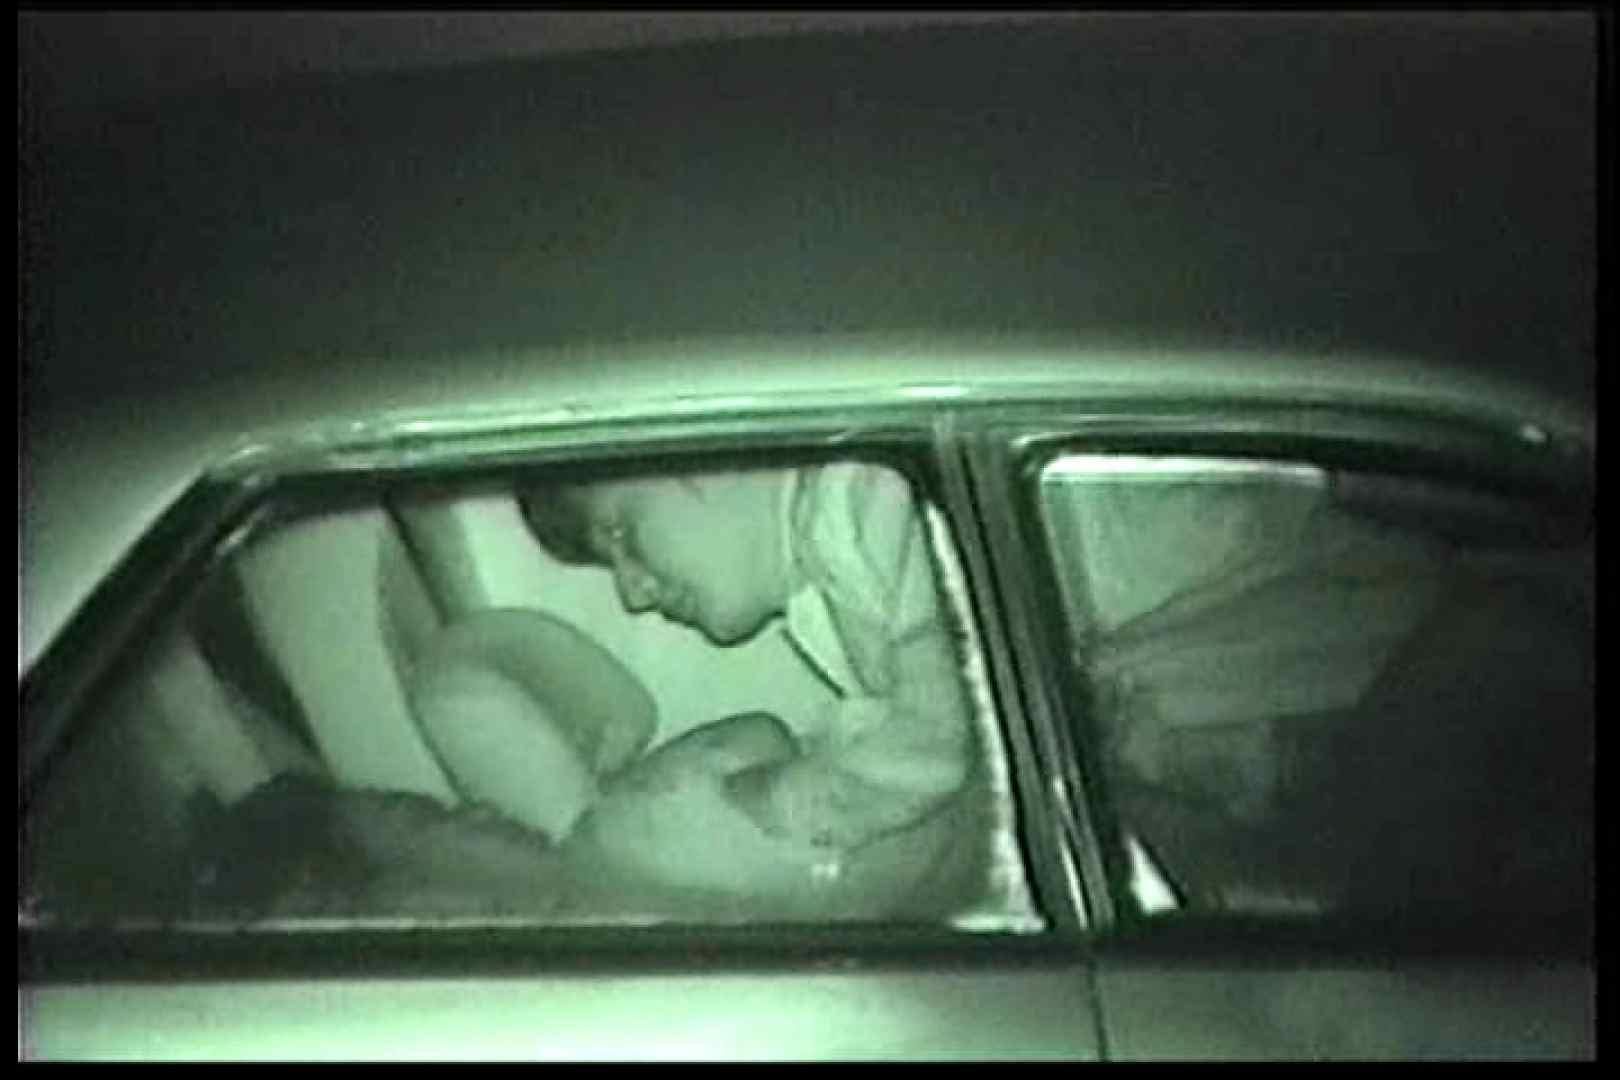 車の中はラブホテル 無修正版  Vol.11 セックス | ラブホテル  18pic 17